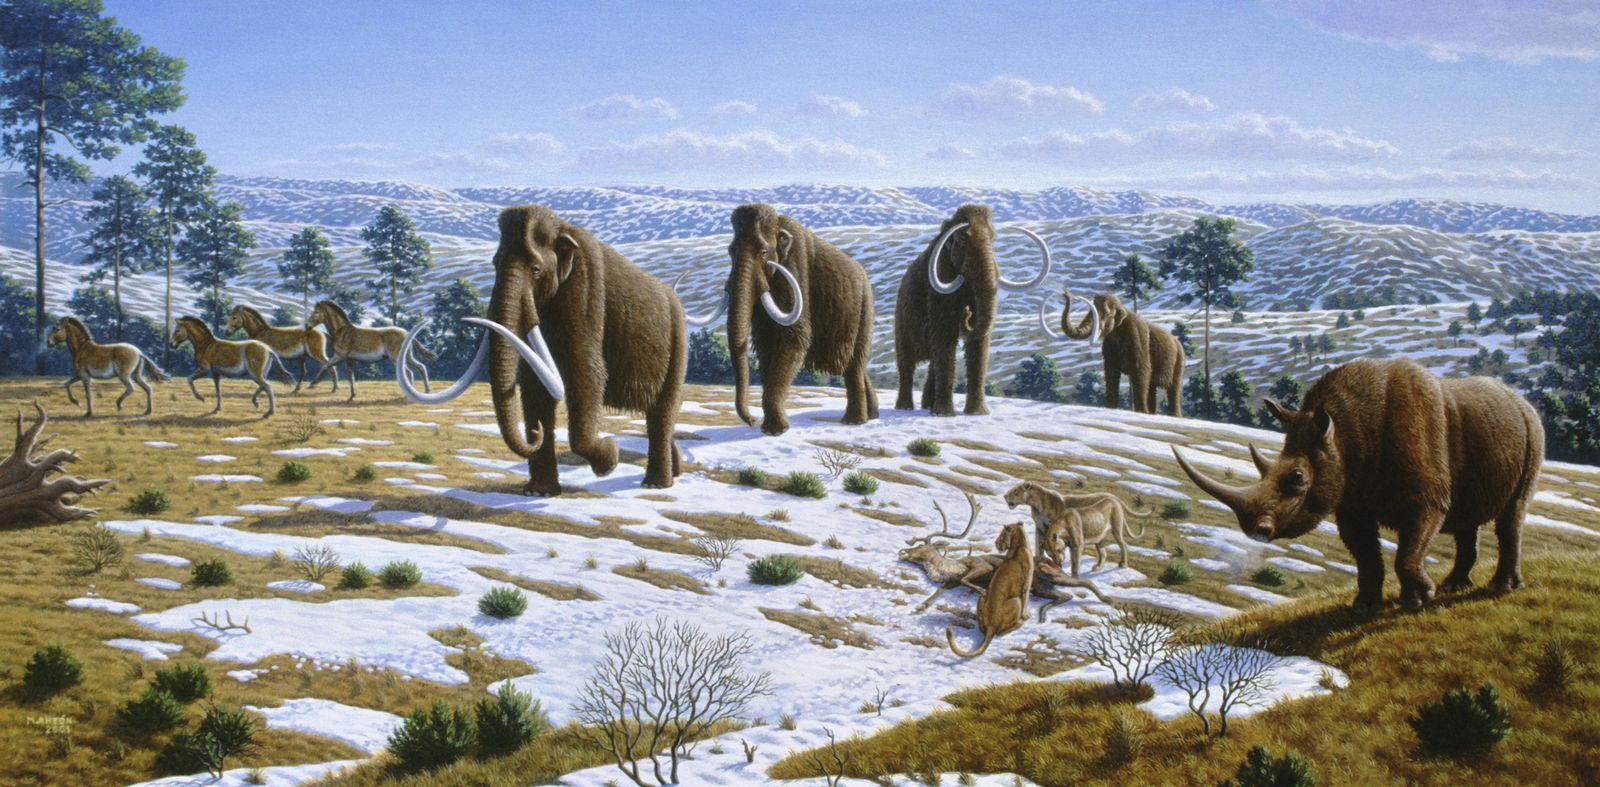 NICHT MEHR VERWENDEN! - Mammut